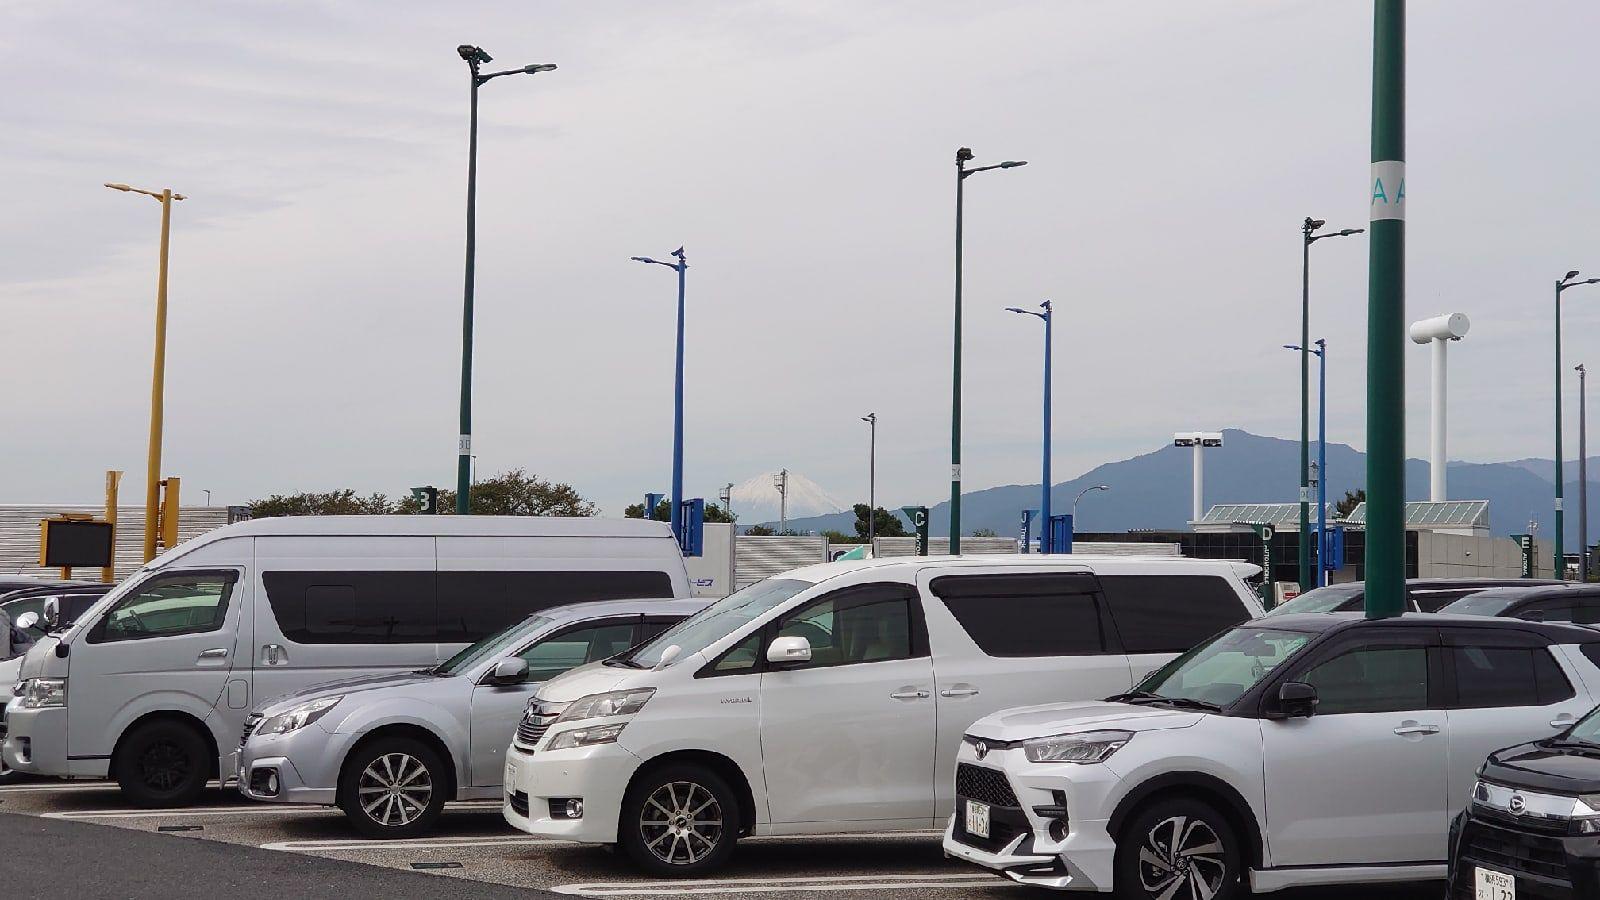 Один мой день в префектуре Сидзока, Япония, я покажу вам долгожданную семейную поездку, фото 9